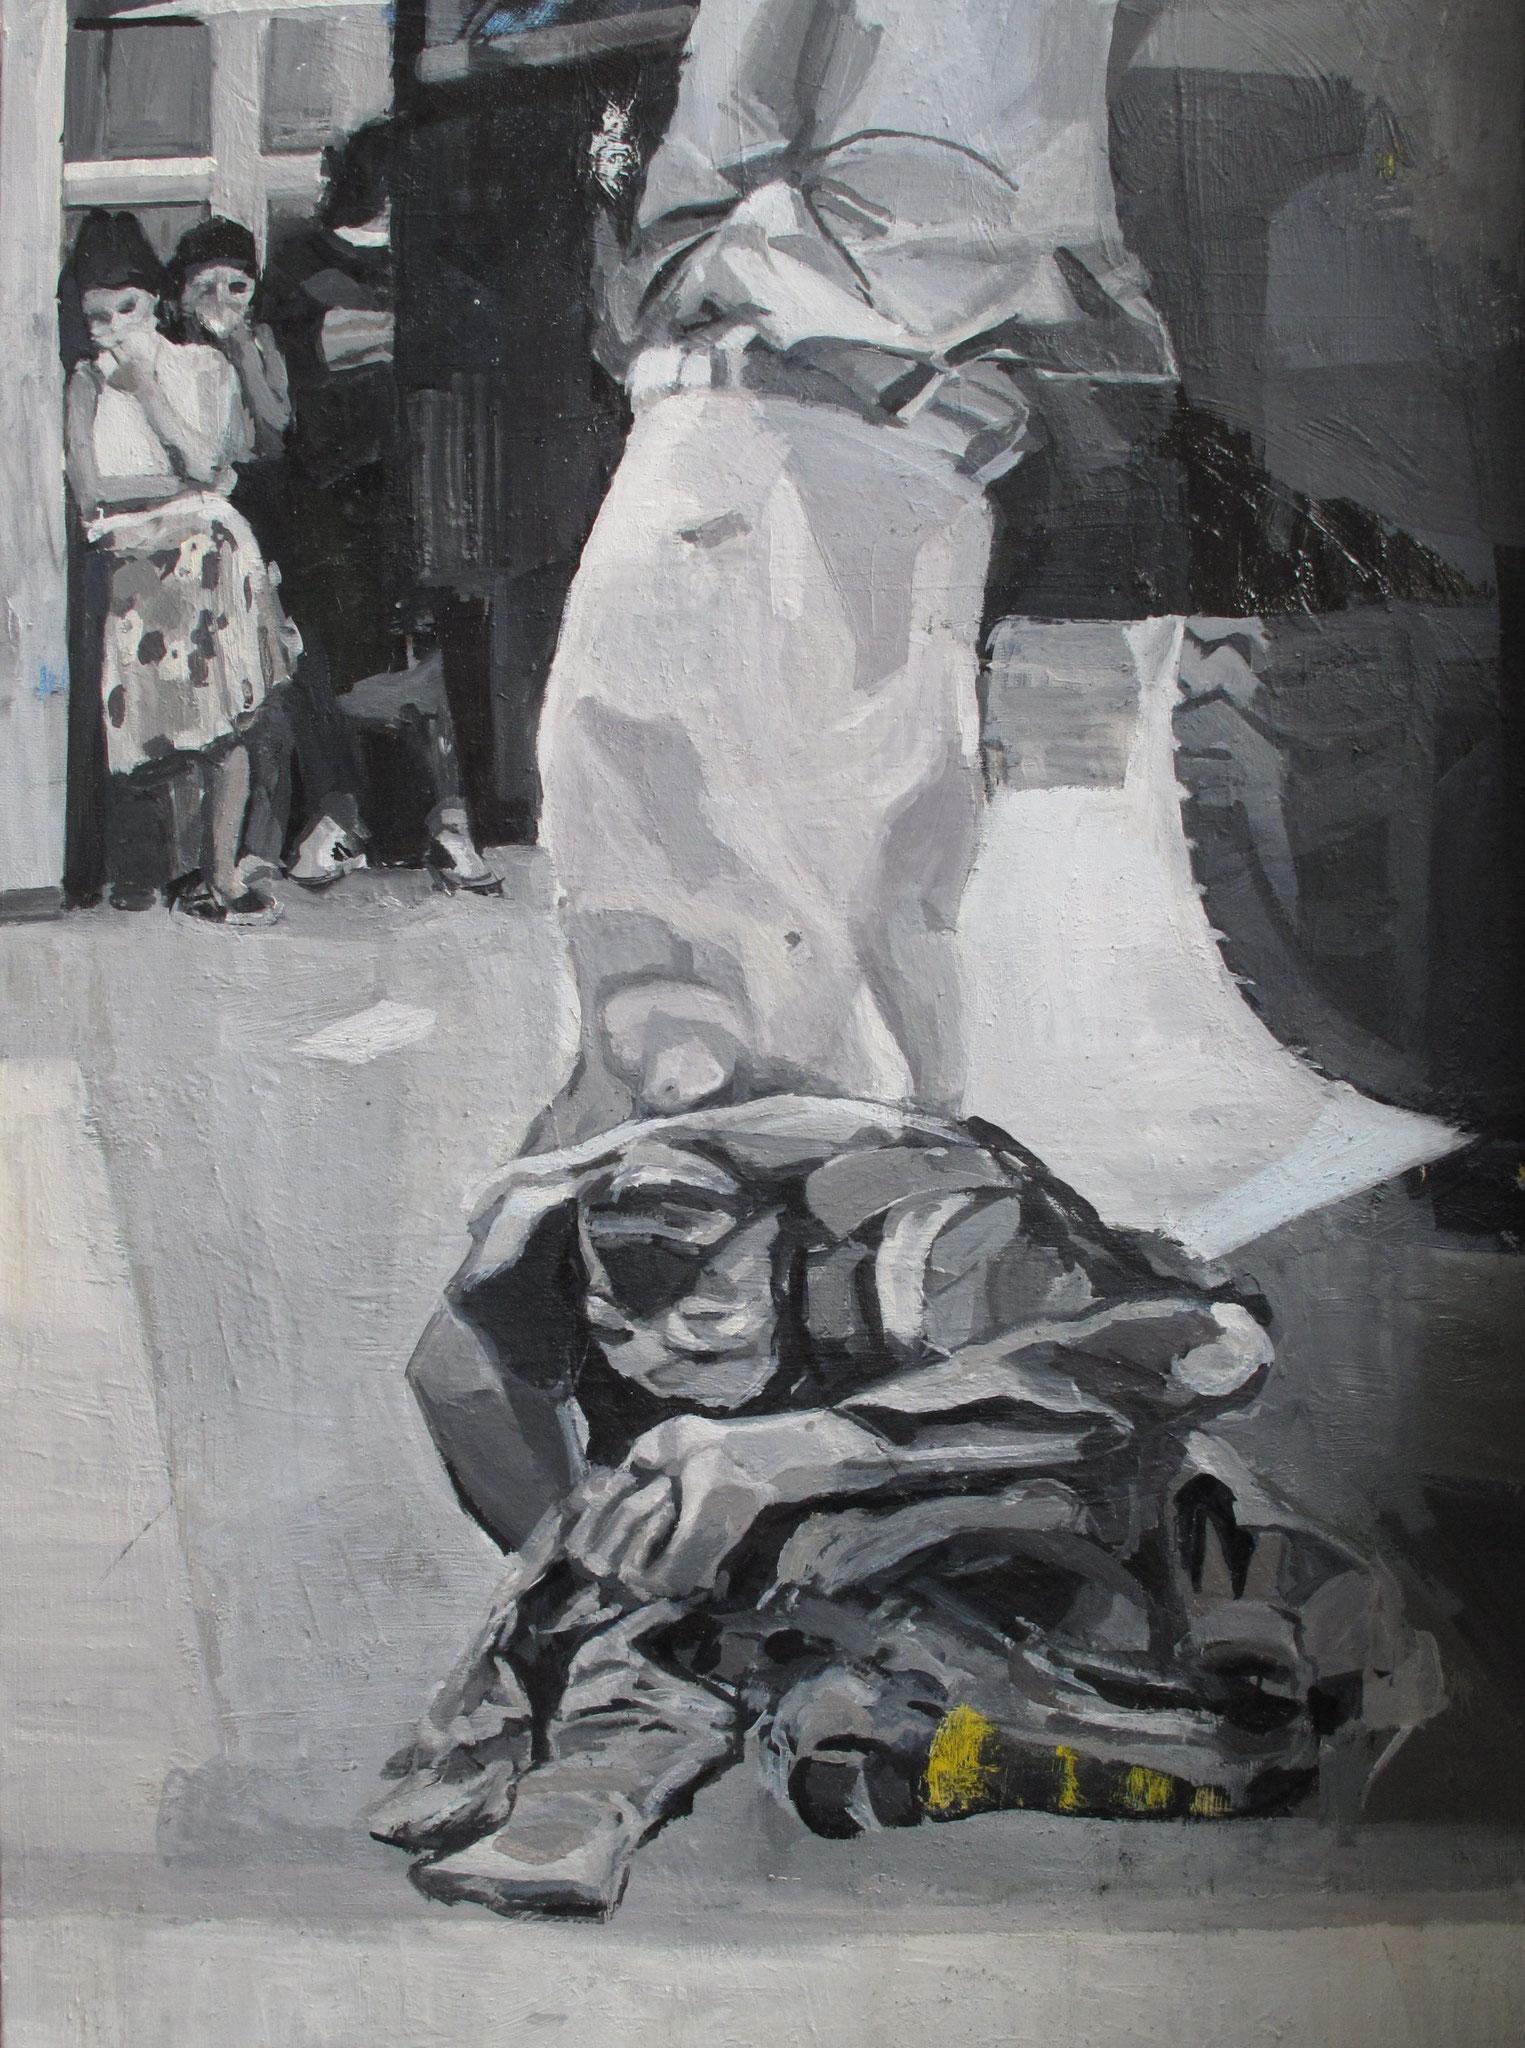 Sans titre - Journaux, Huile sur toile, 2013, 100 x 73 cm